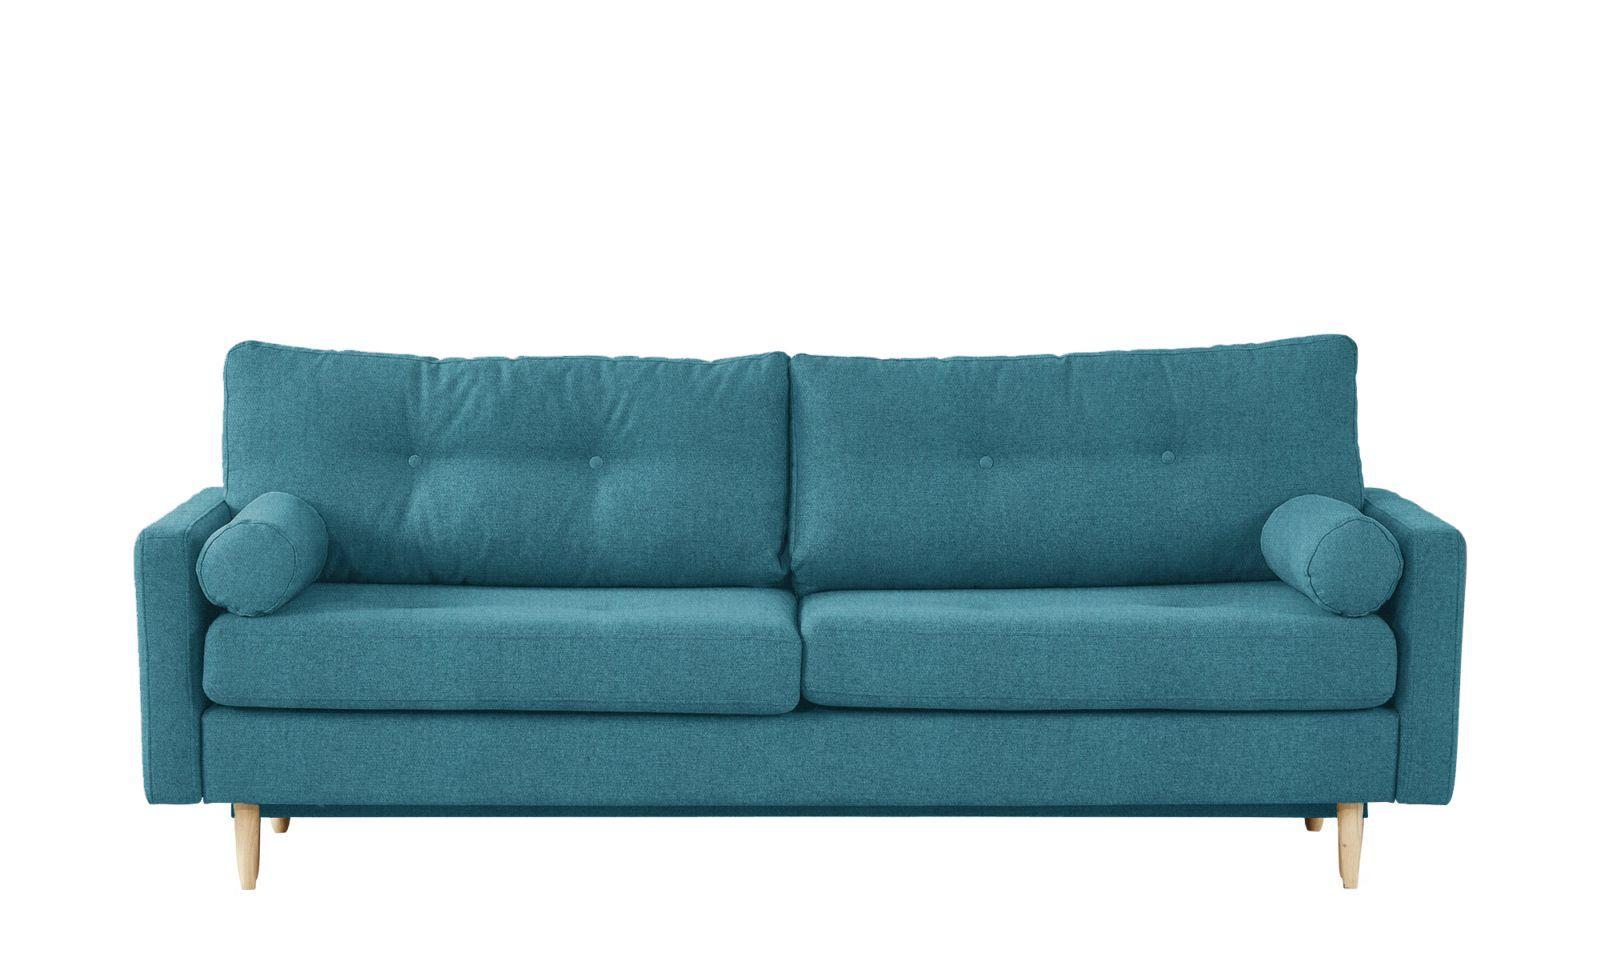 Canapea Pure Cosmic 190 Mobila Si Finisaje Ro Eu Sofa Furniture